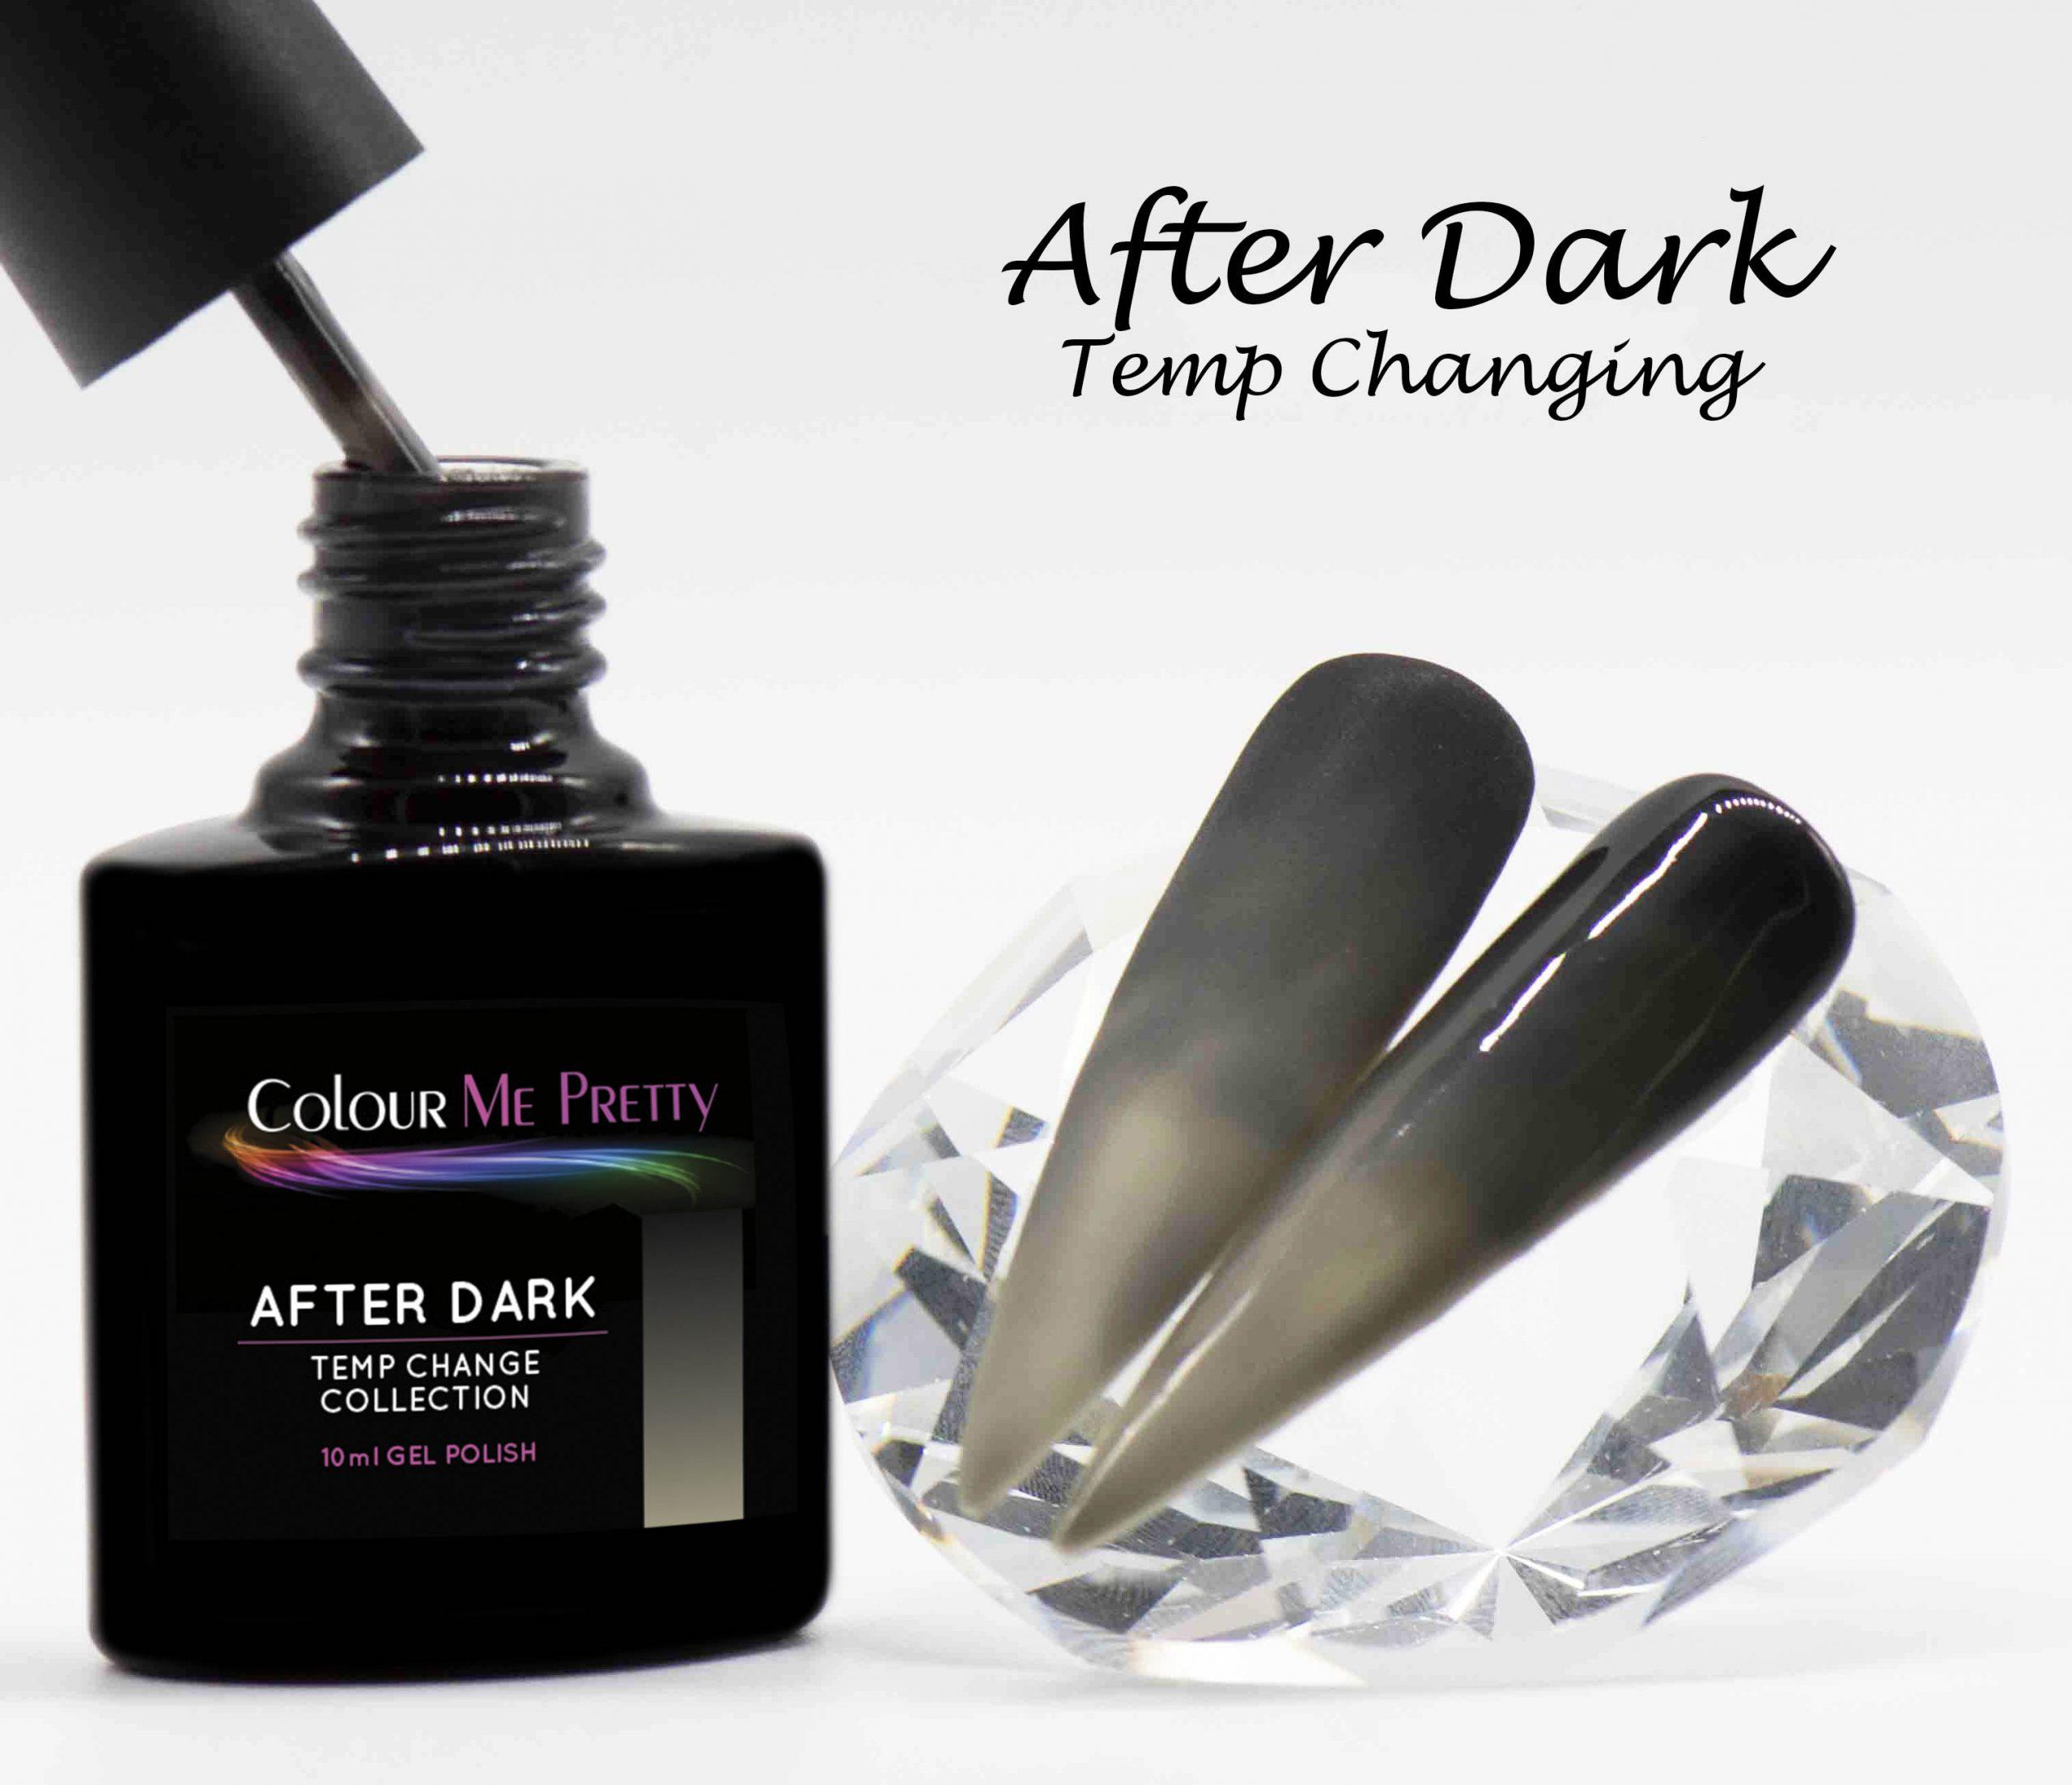 Temp Change After Dark